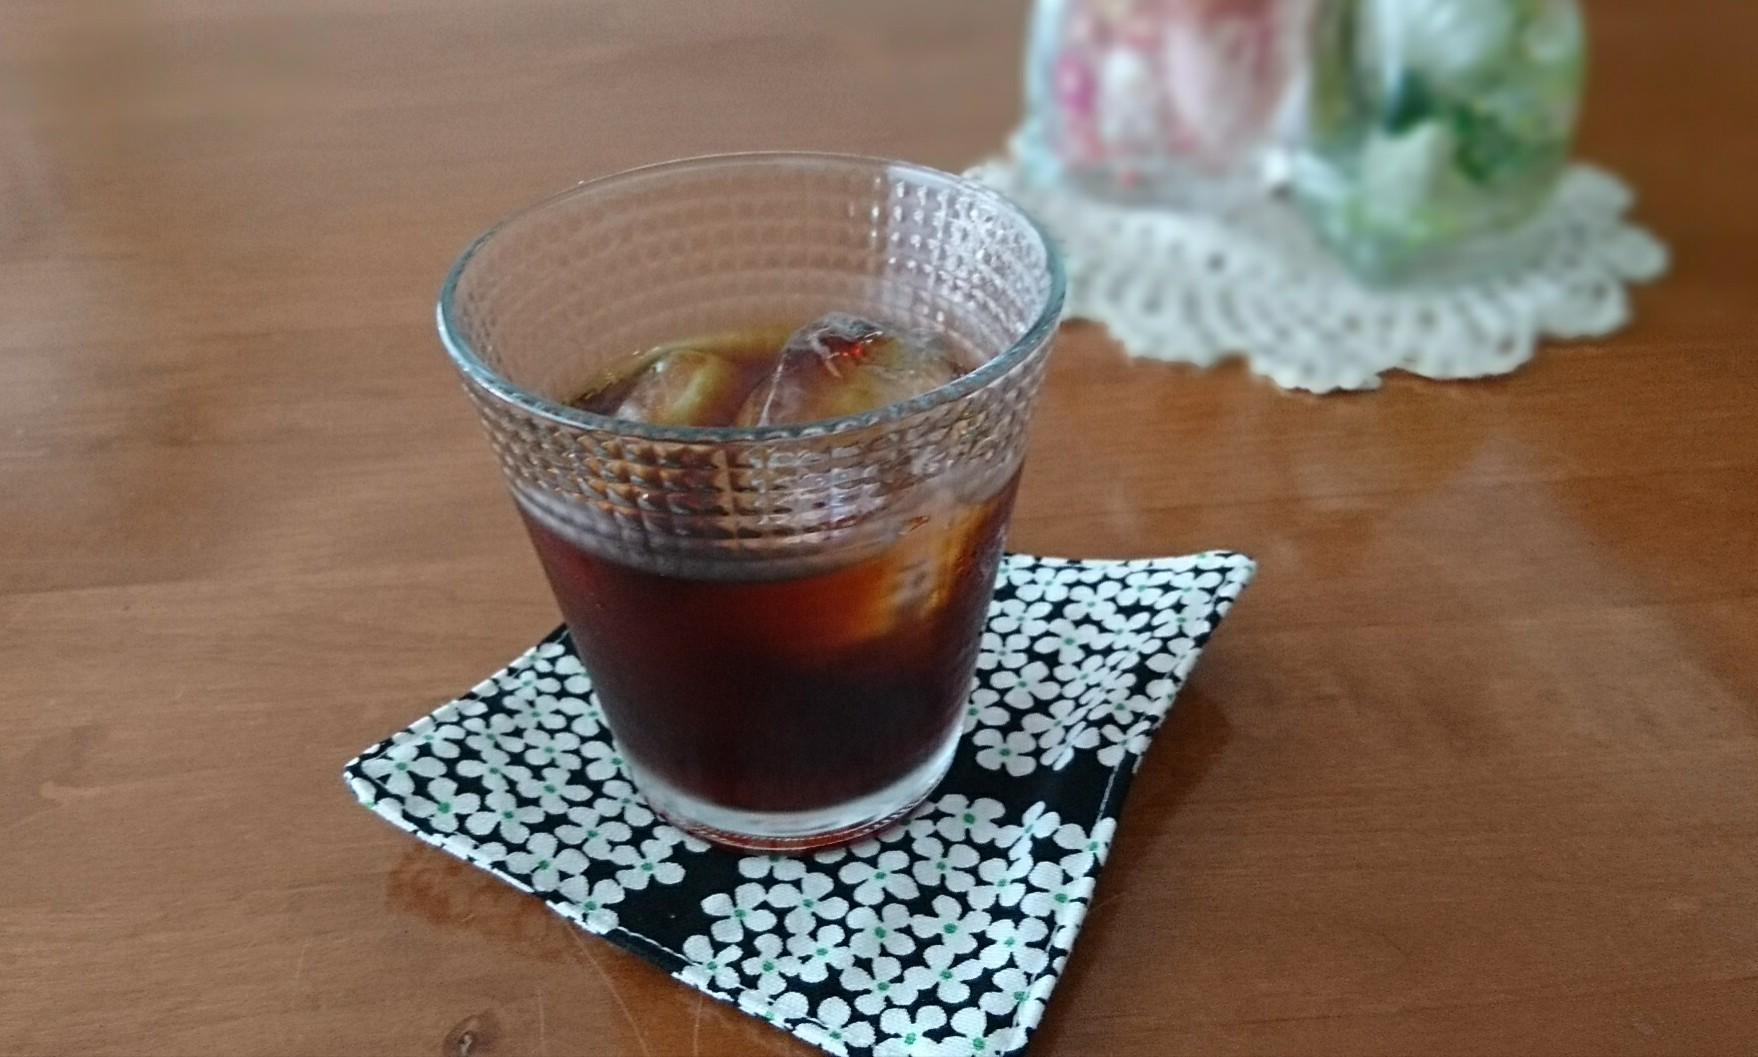 アイスコーヒーとひとりごと - おうち日記